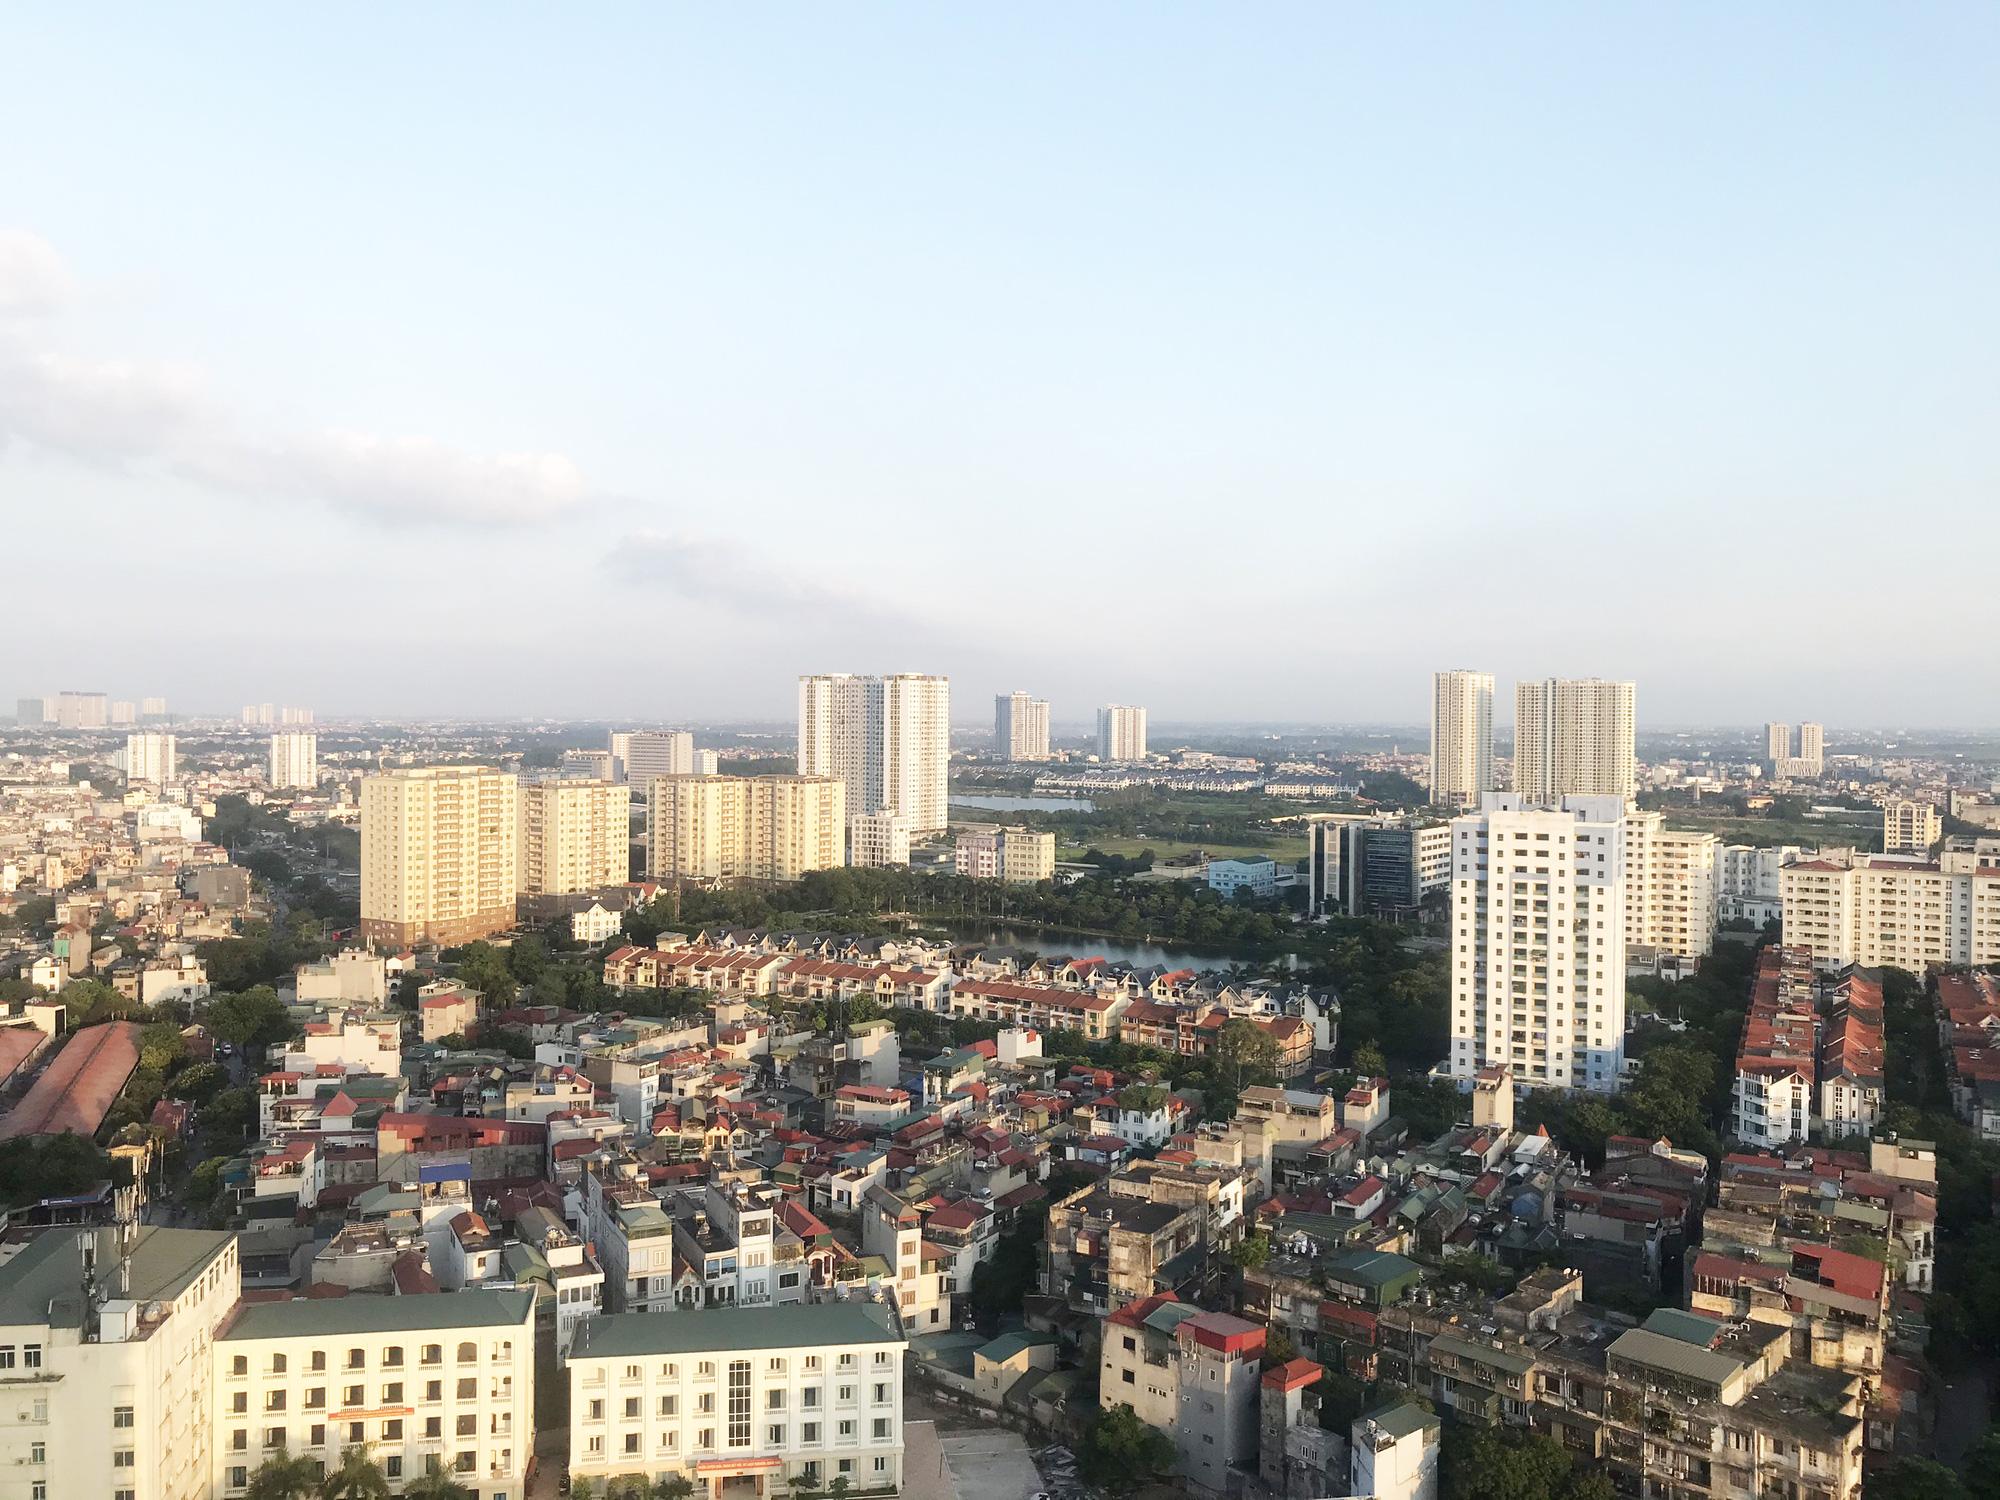 Chạy theo phong trào lúc sốt đất, nhiều nhà đầu tư Hà Nội đang phải bán cắt lỗ - Ảnh 1.